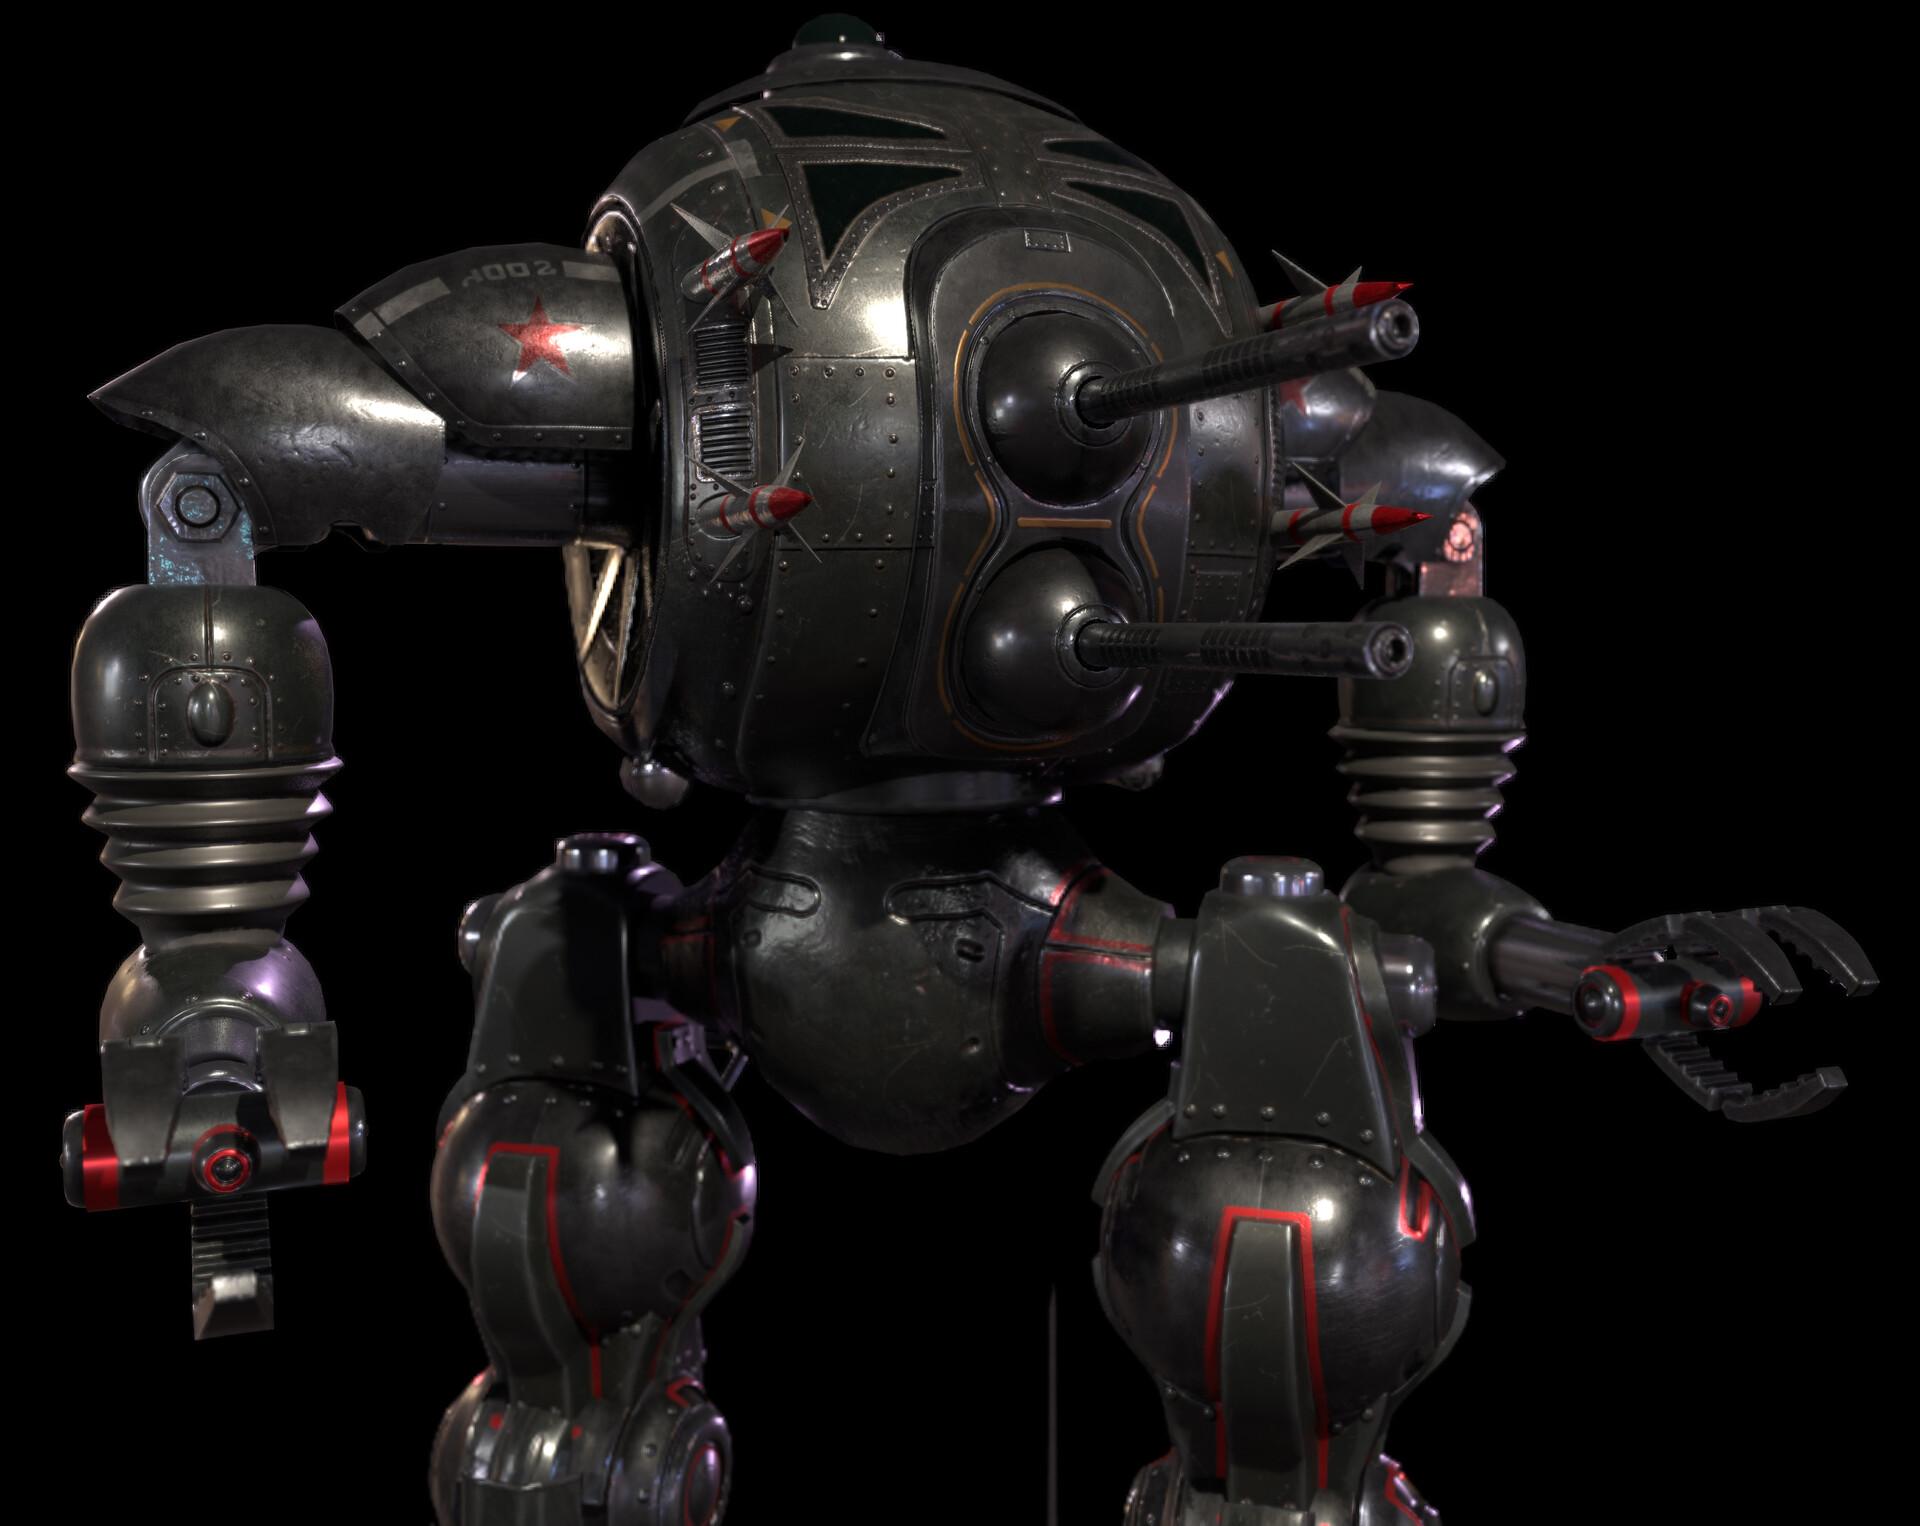 ArtStation - World of Tanks Console - Core Breach : Steel